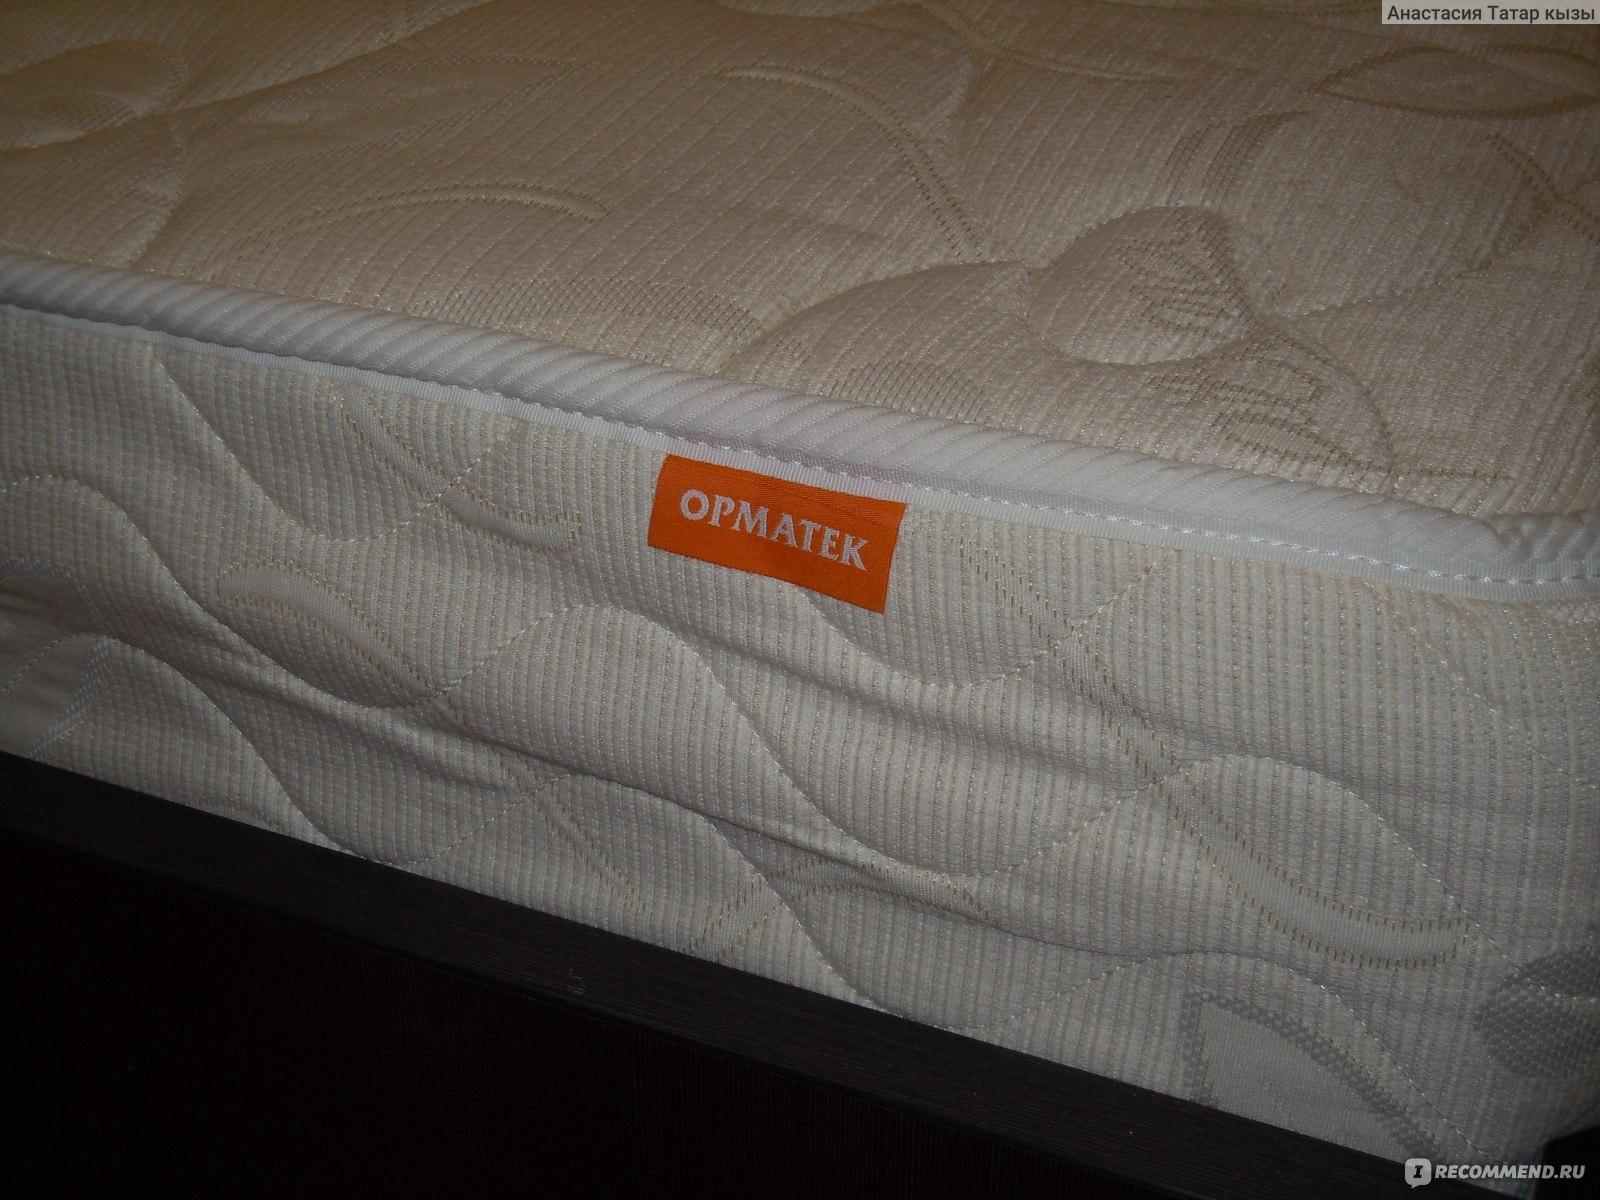 Кпб шоп интернет магазин постельного белья